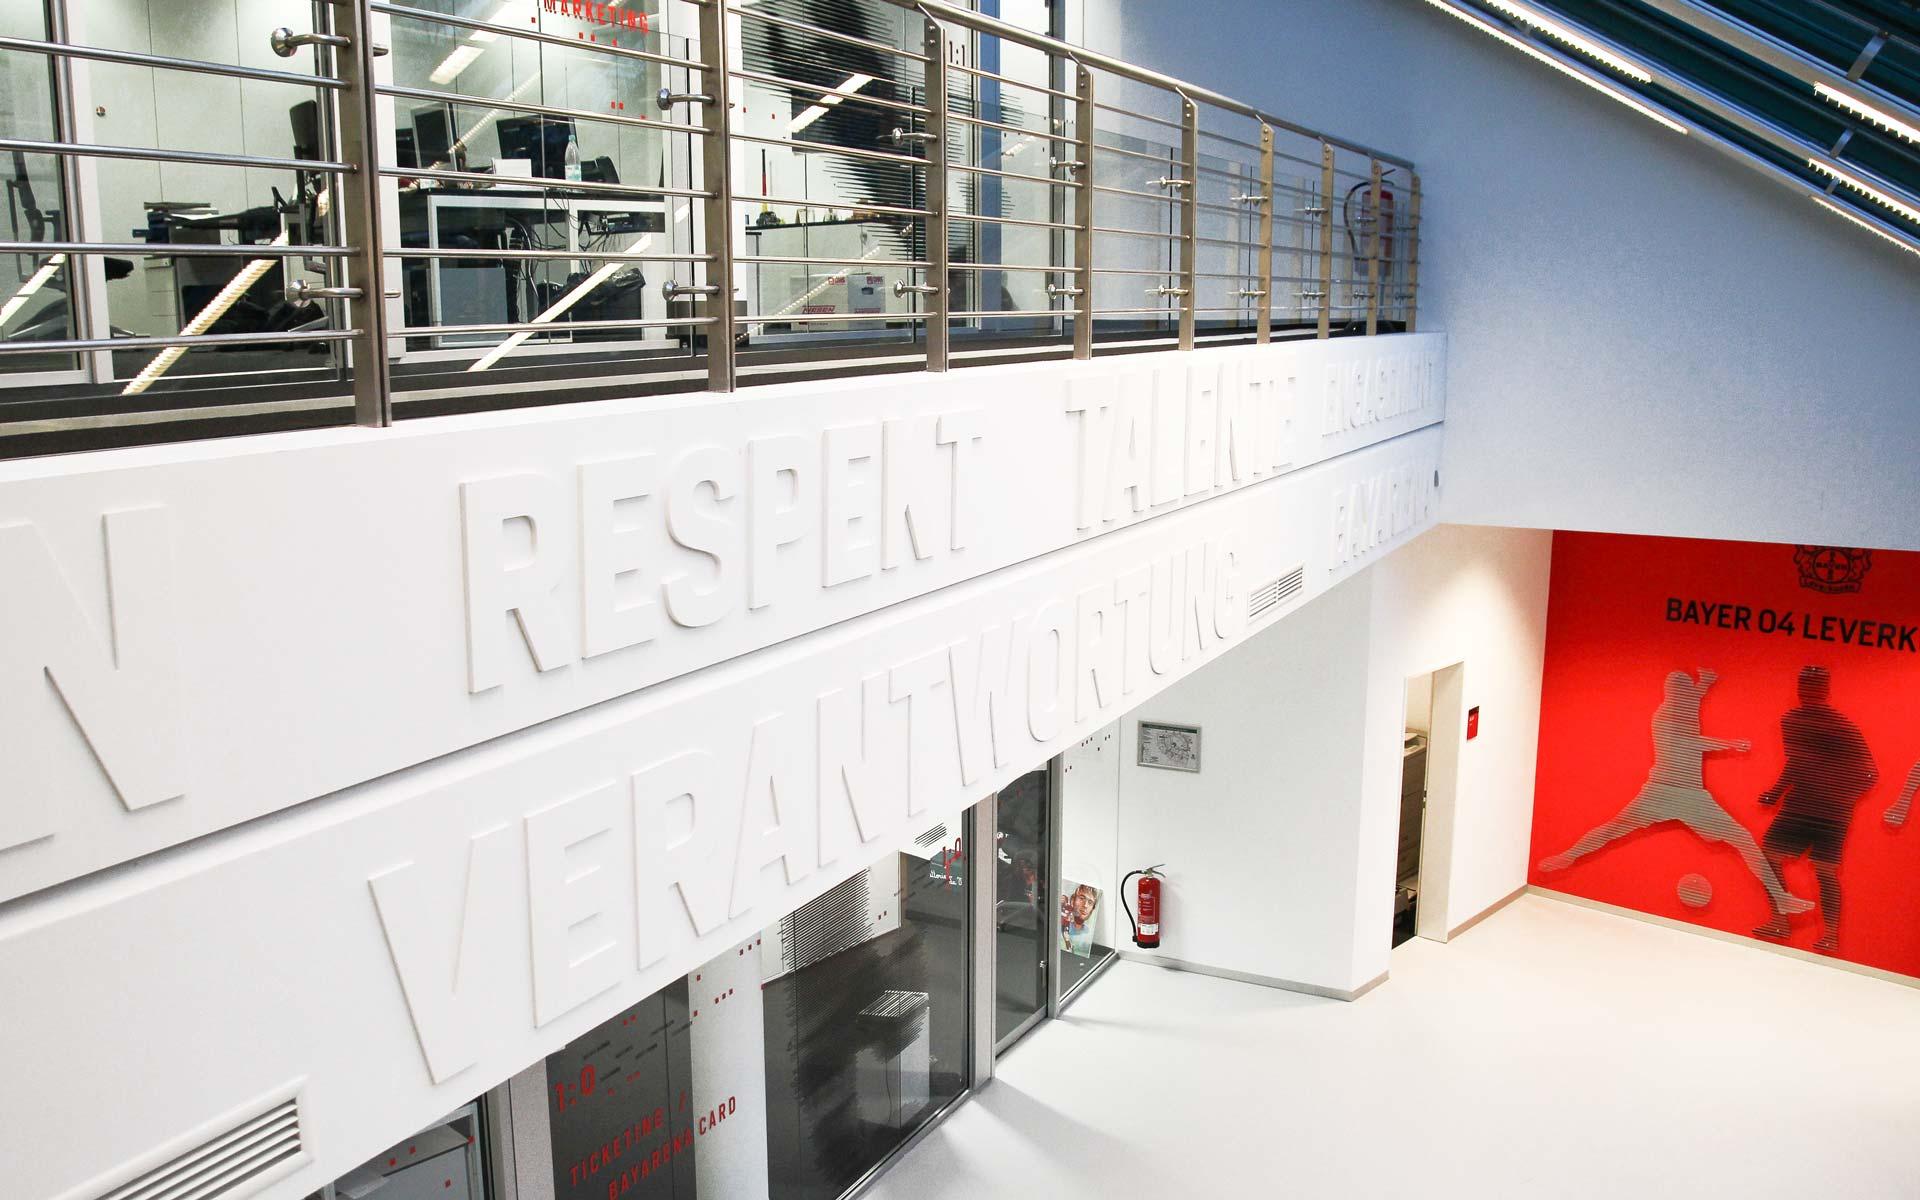 Bayer 04 neue Liegenschaft – Wayfinding, Leit- und Orientierungssystem, Typografie auf der Balustrade